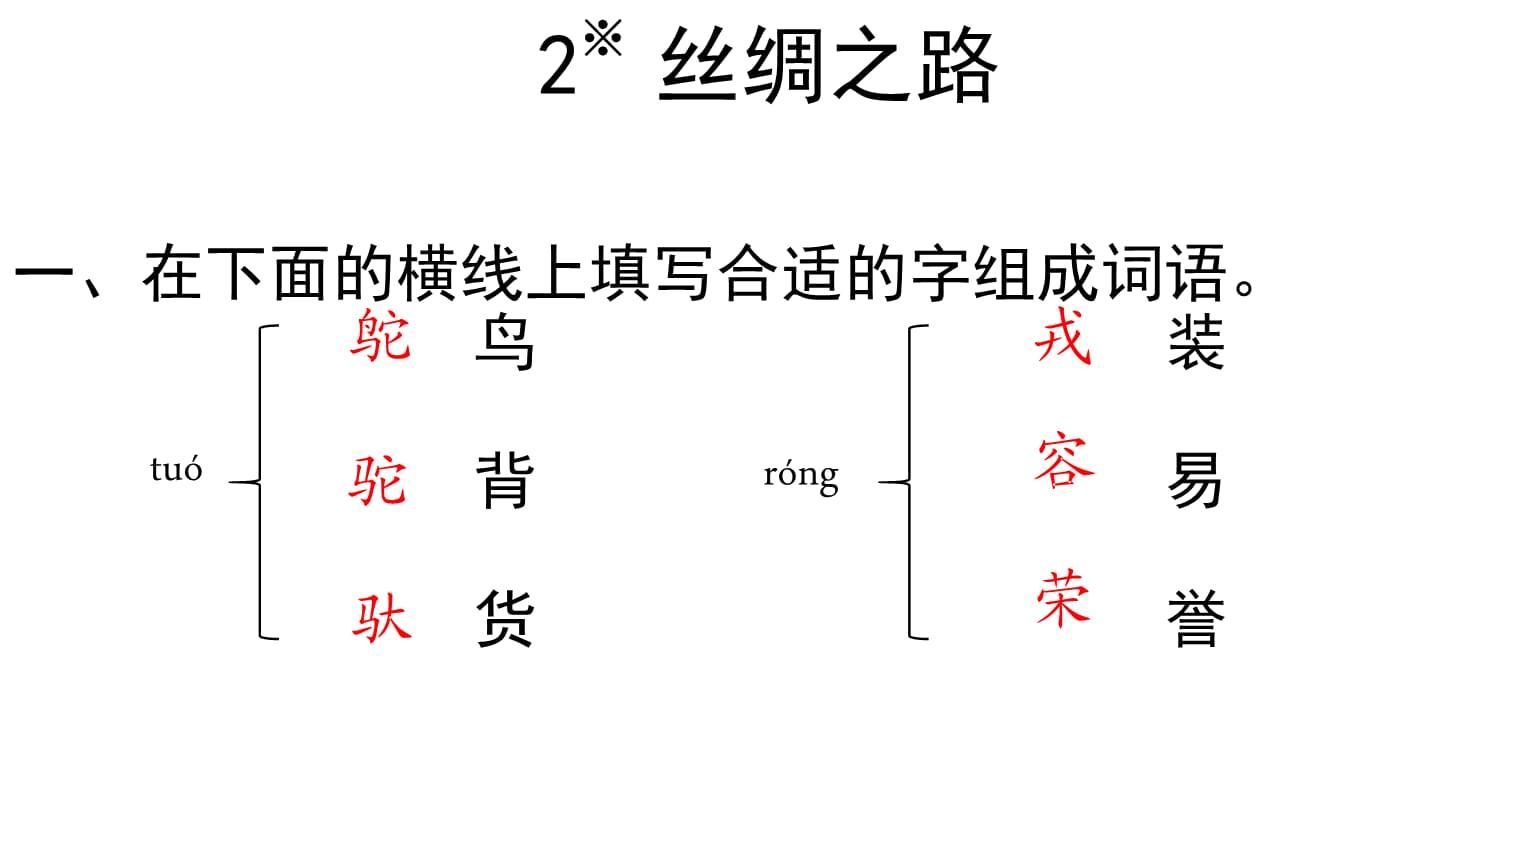 五年级下册语文长江作业.丝绸之路答案.pptx